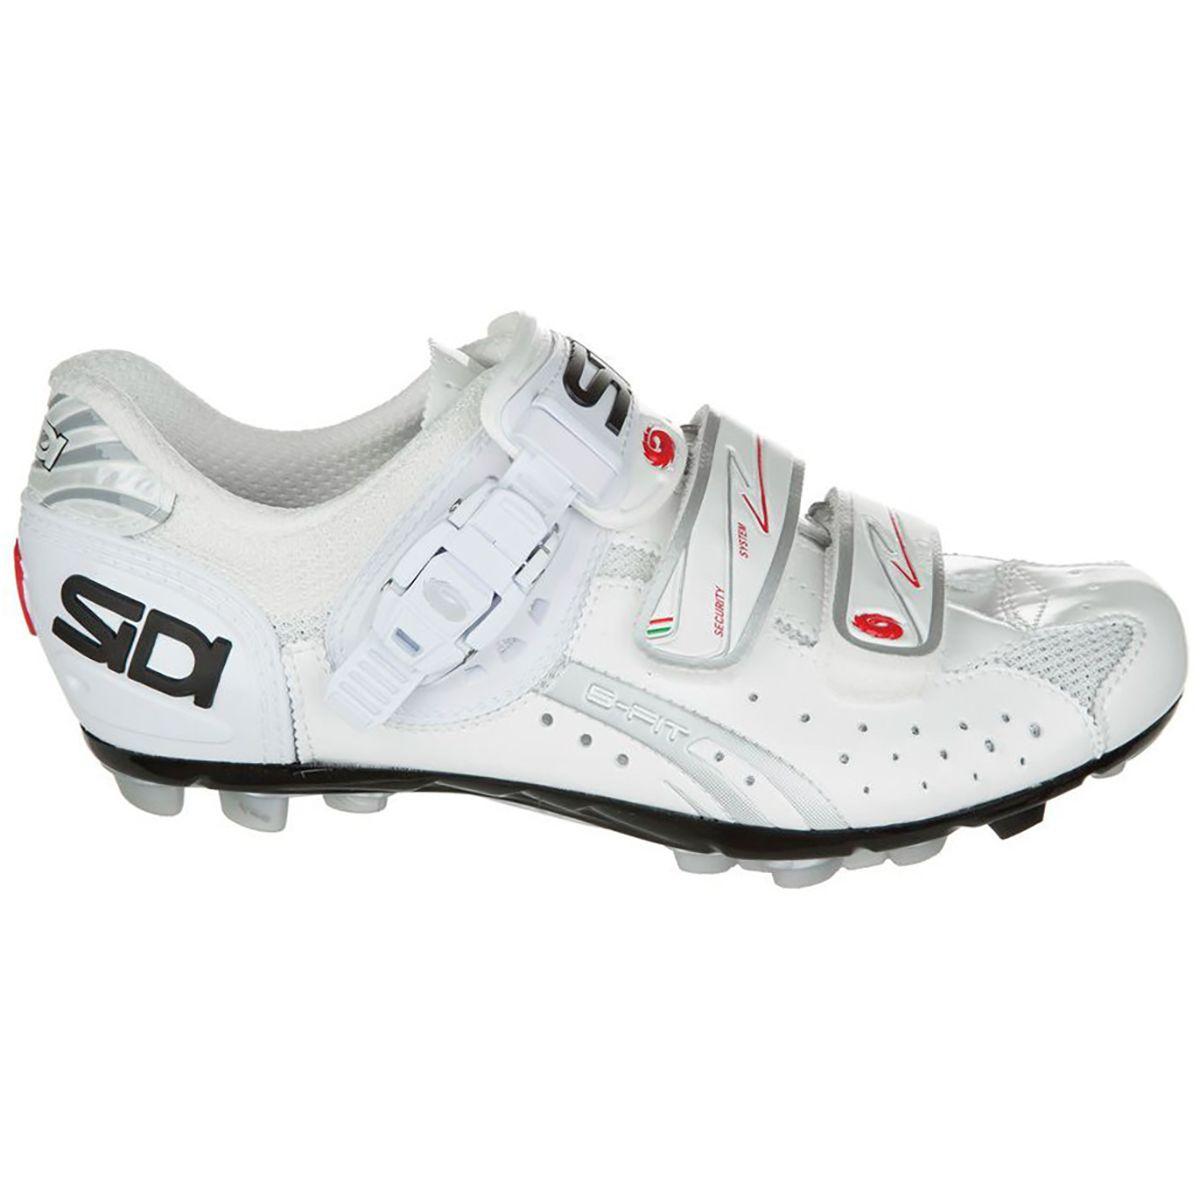 Sidi Tri Shoes Sale